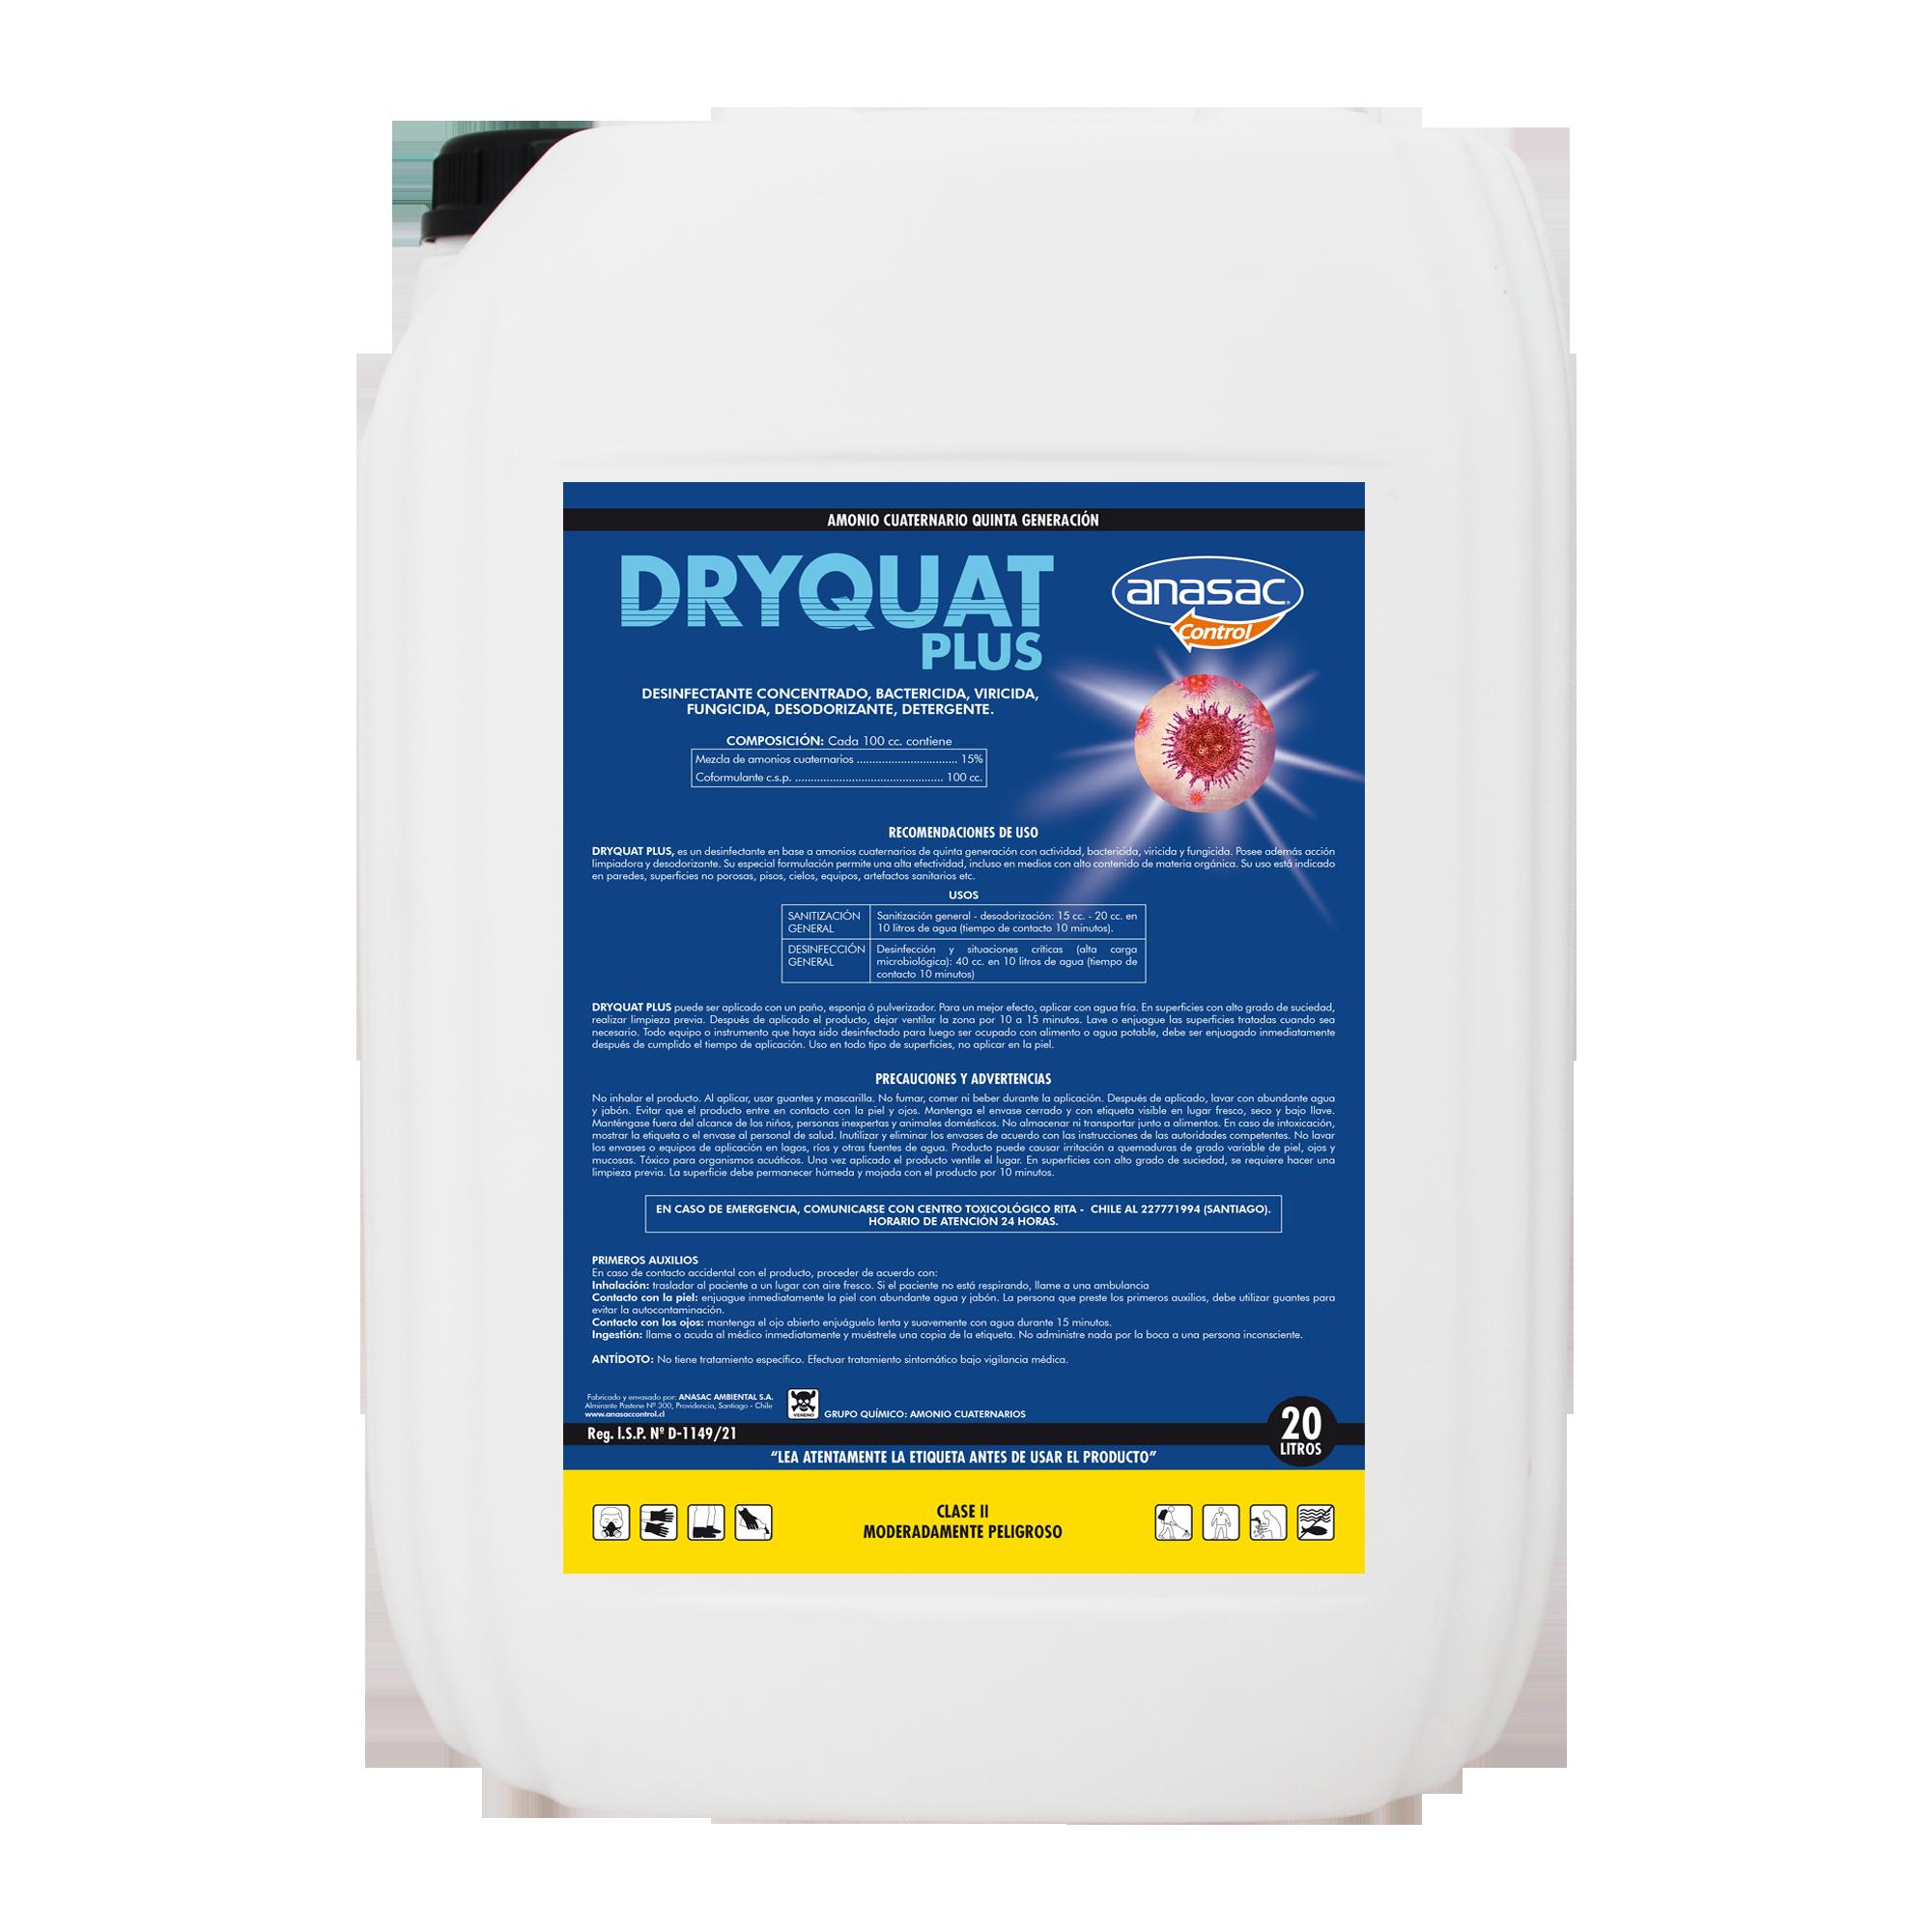 Dryquat Plus